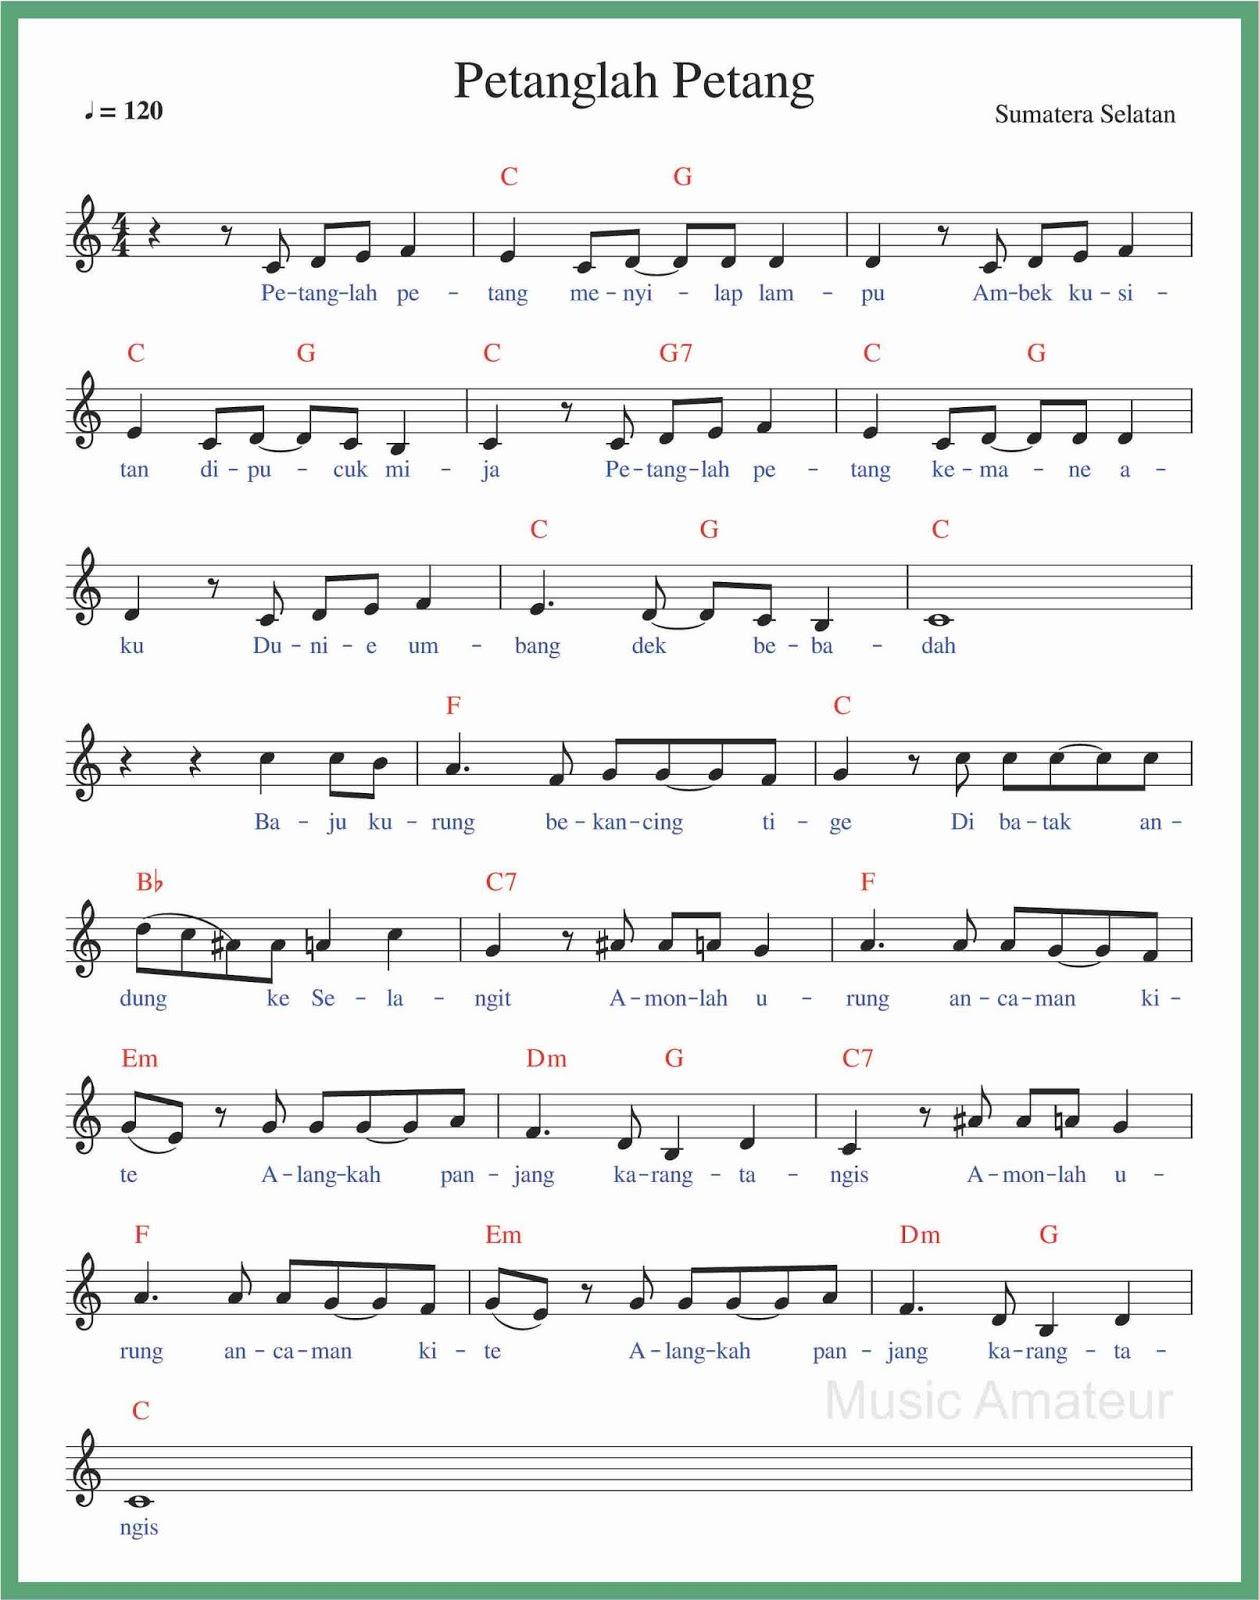 Lagu Daerah Lahat Sumatera Selatan : daerah, lahat, sumatera, selatan, Angka, Petanglah, Petang, SEPUTAR, MUSIK